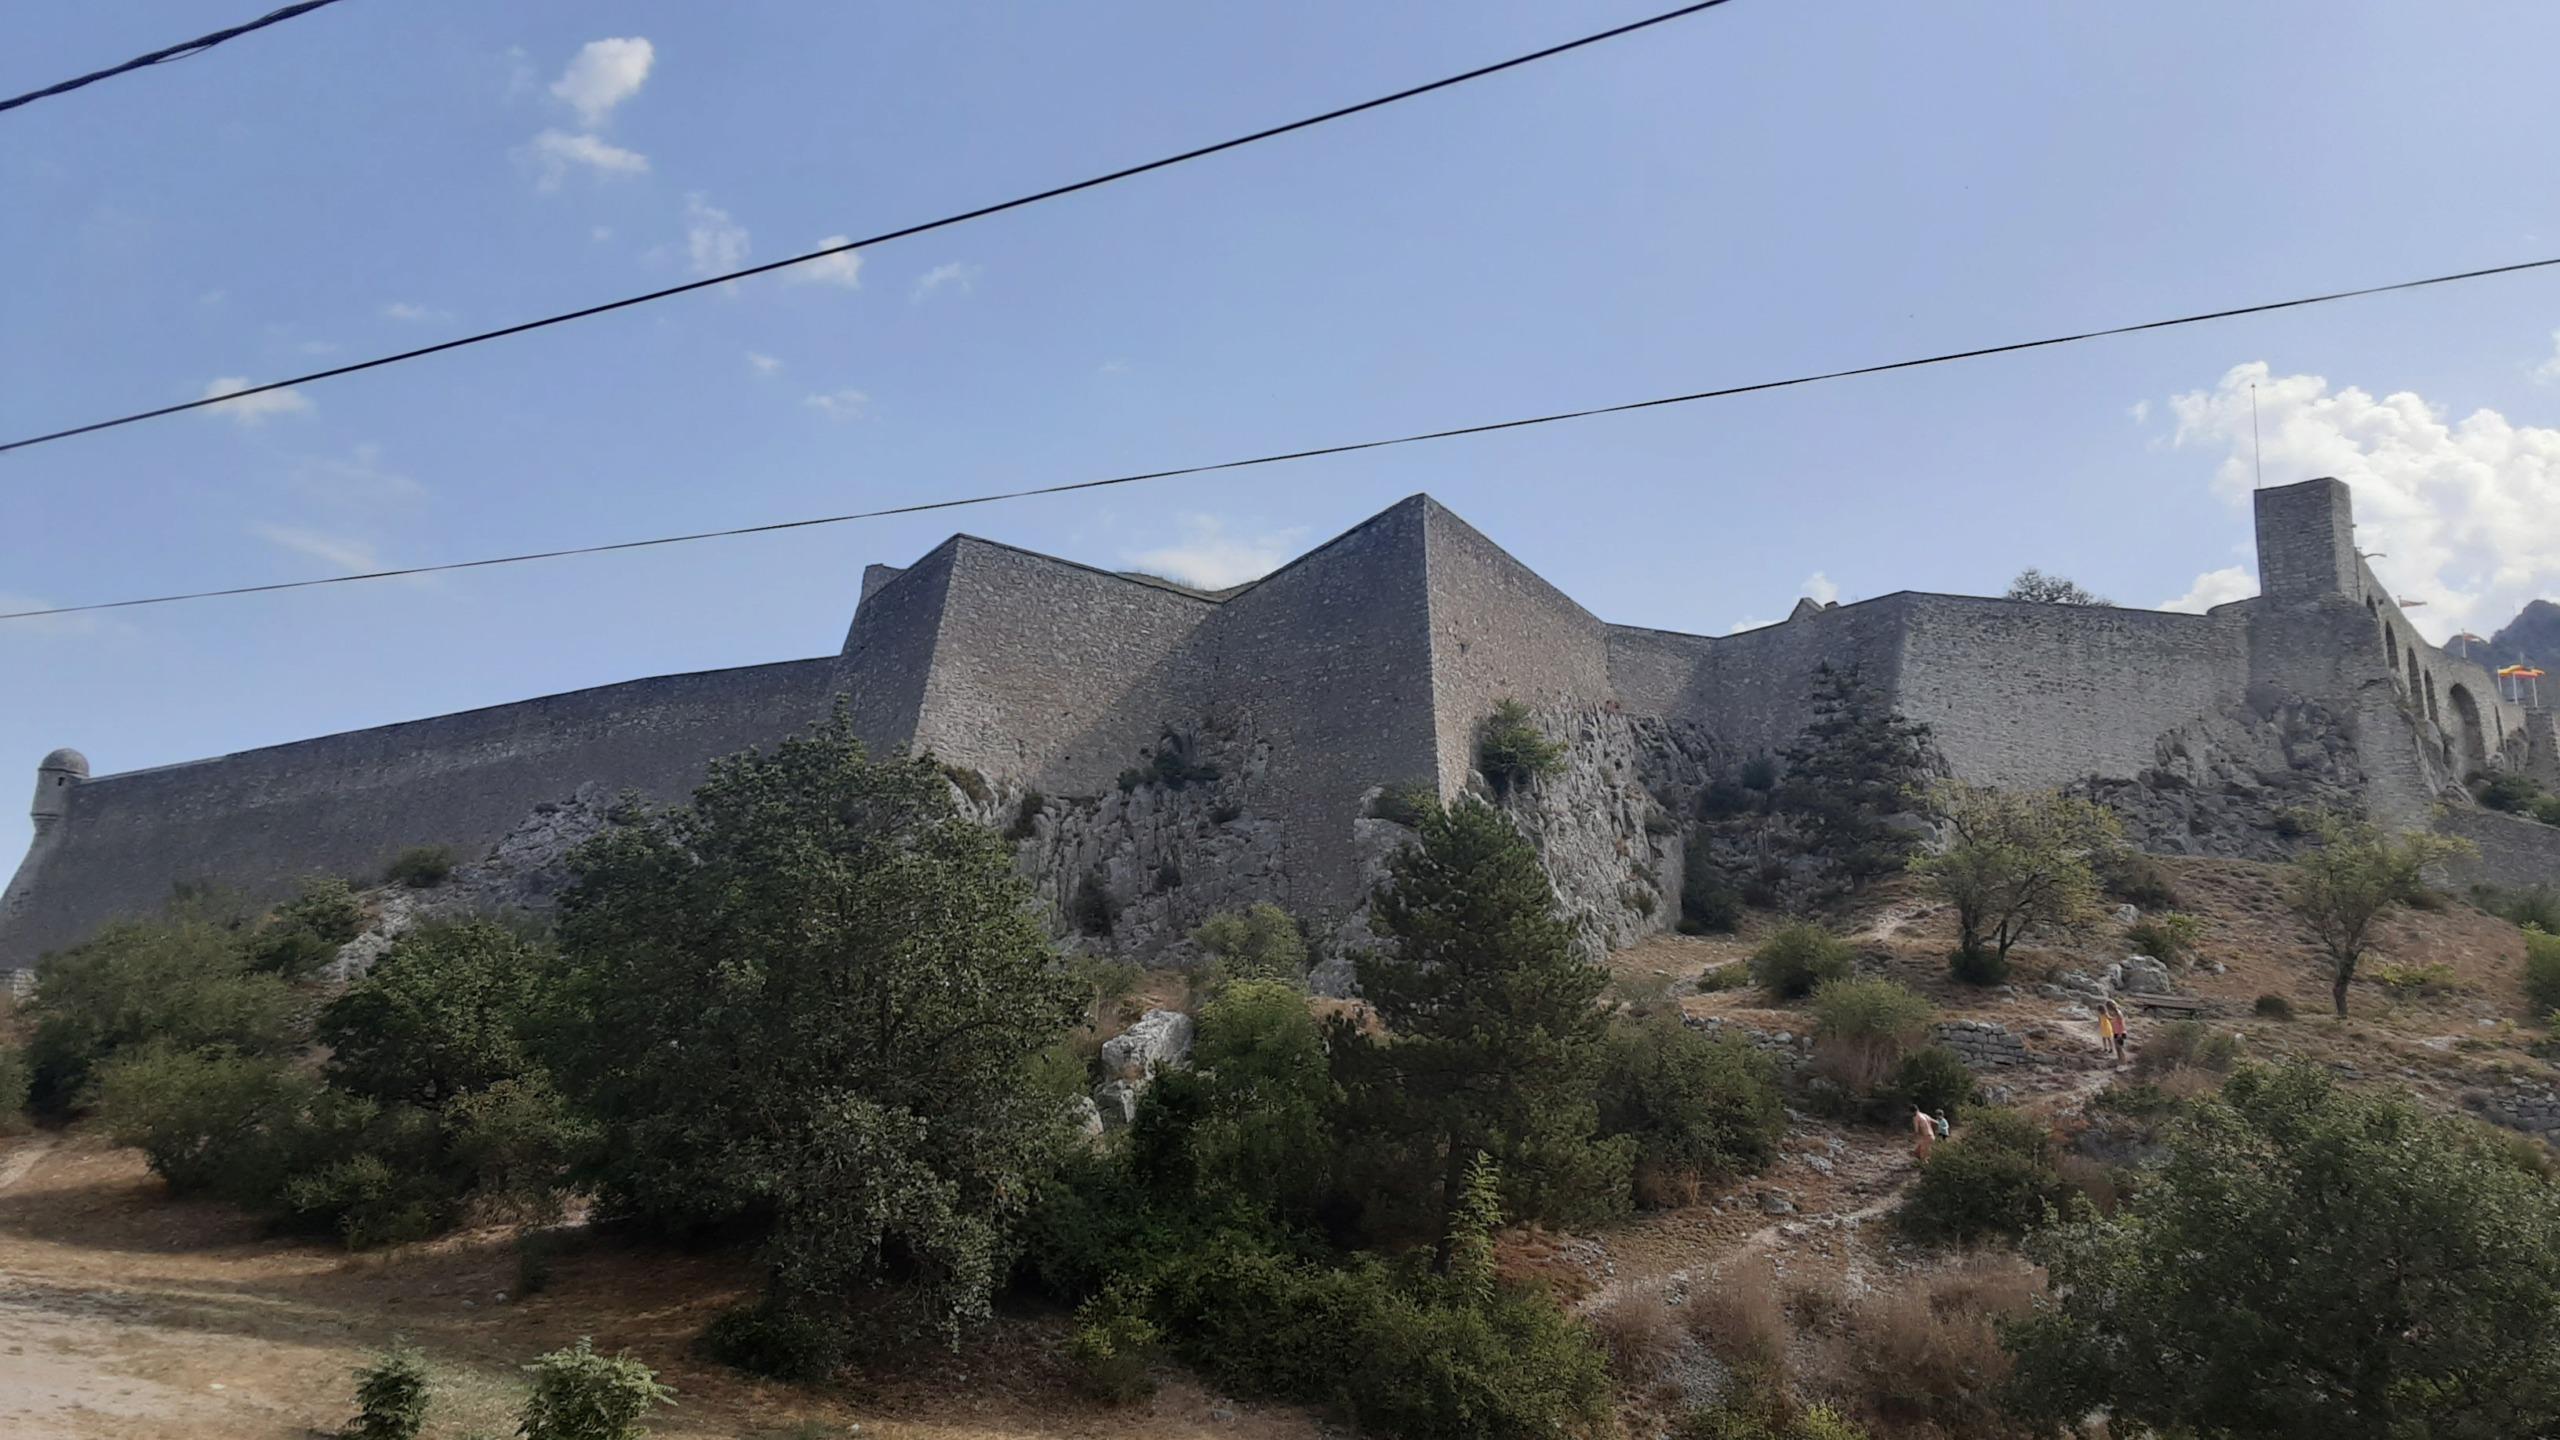 La citadelle de Sisteron:  visite virtuelle d'hier et d'aujourd'hui.  - Page 2 20210811